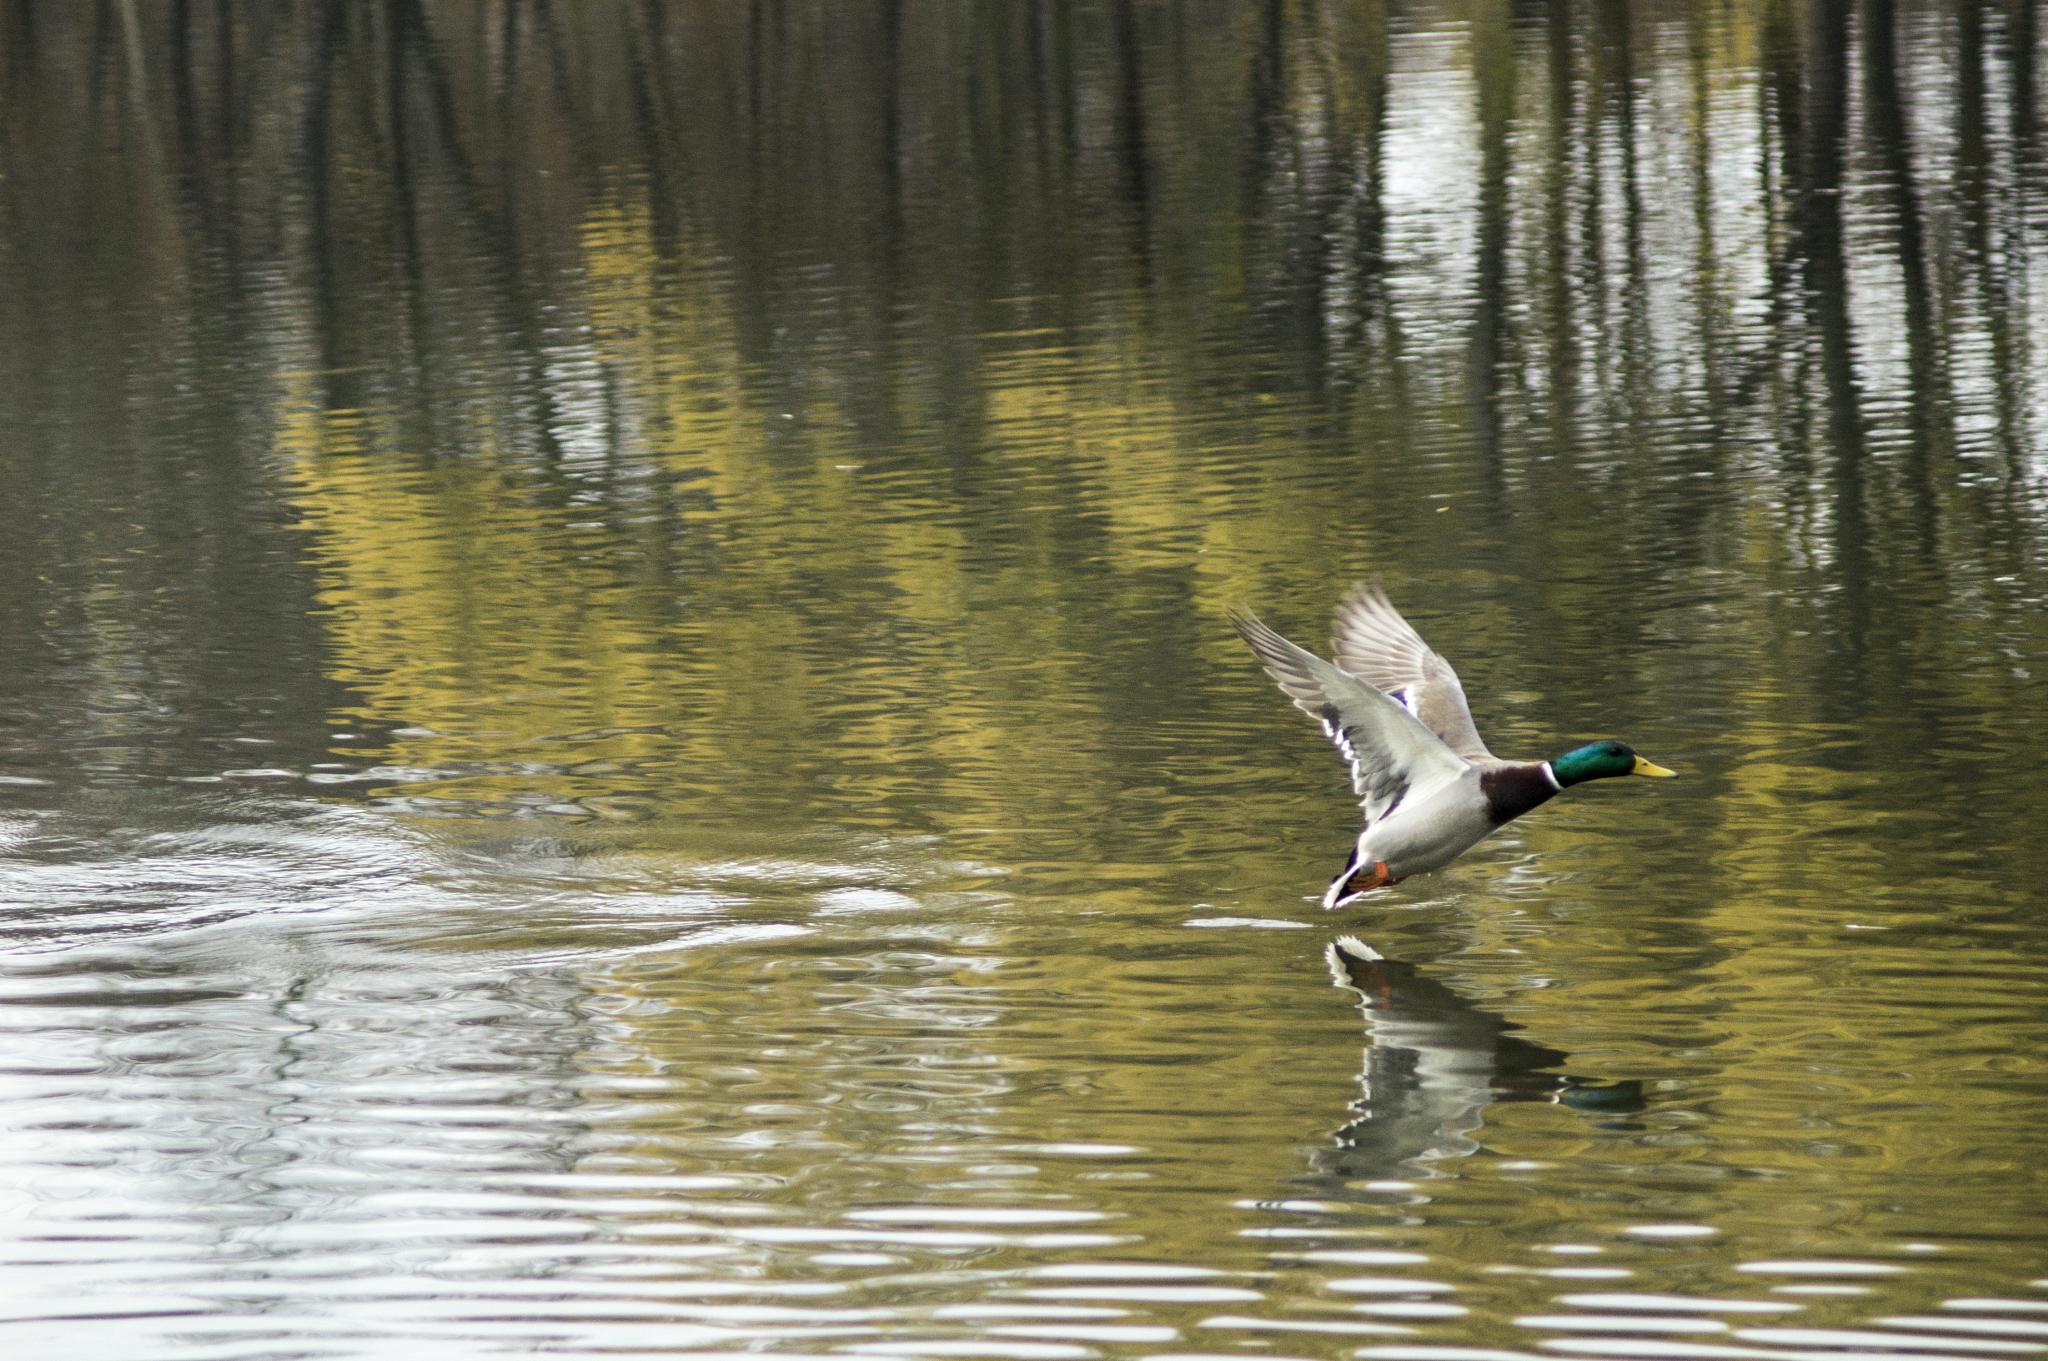 Duck by veinert.zs